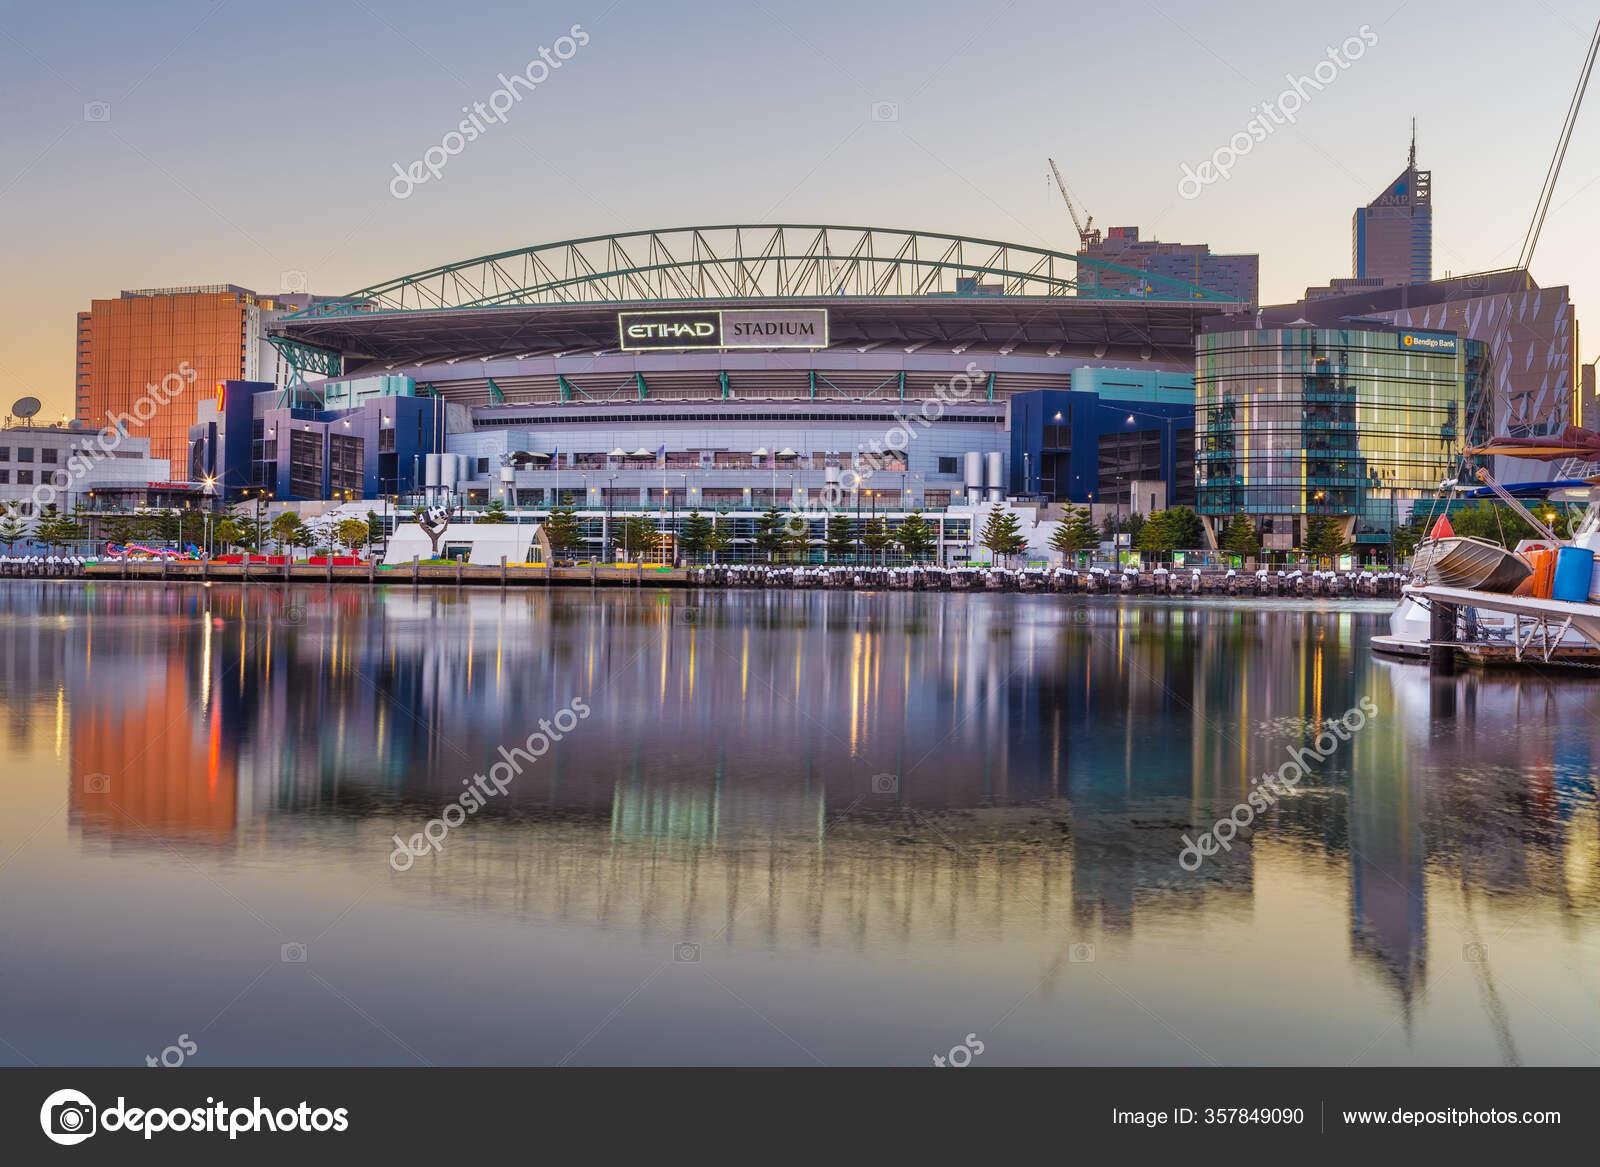 ᐈ Etihad stadium melbourne stock images, Royalty Free etihad stadium  melbourne photos